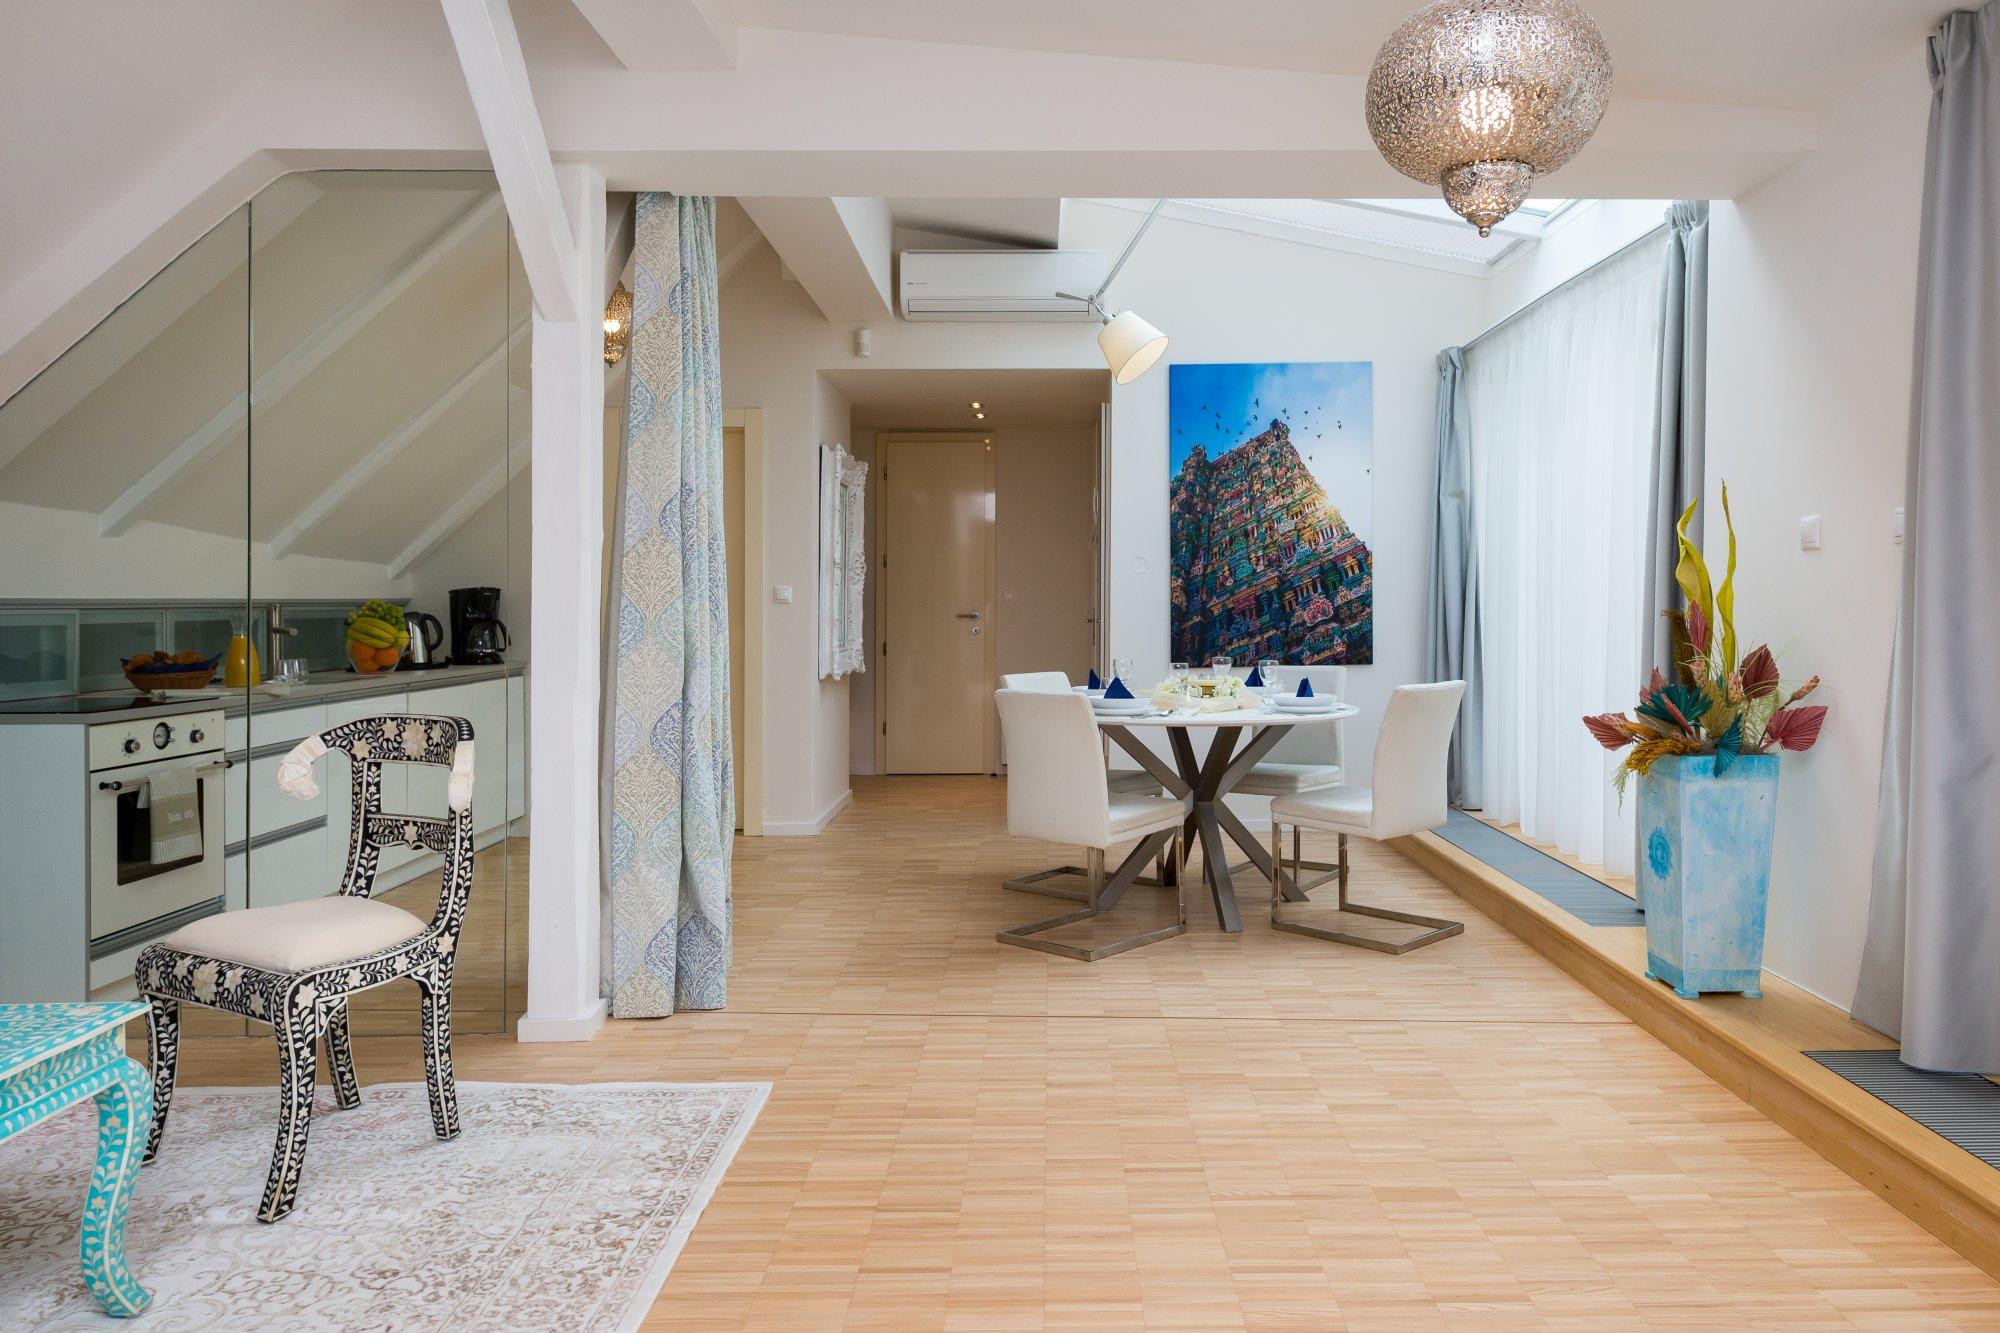 Půdní byt 2+kk, plocha 108 m², ulice Jilská, Praha 1 - Staré Město | 2